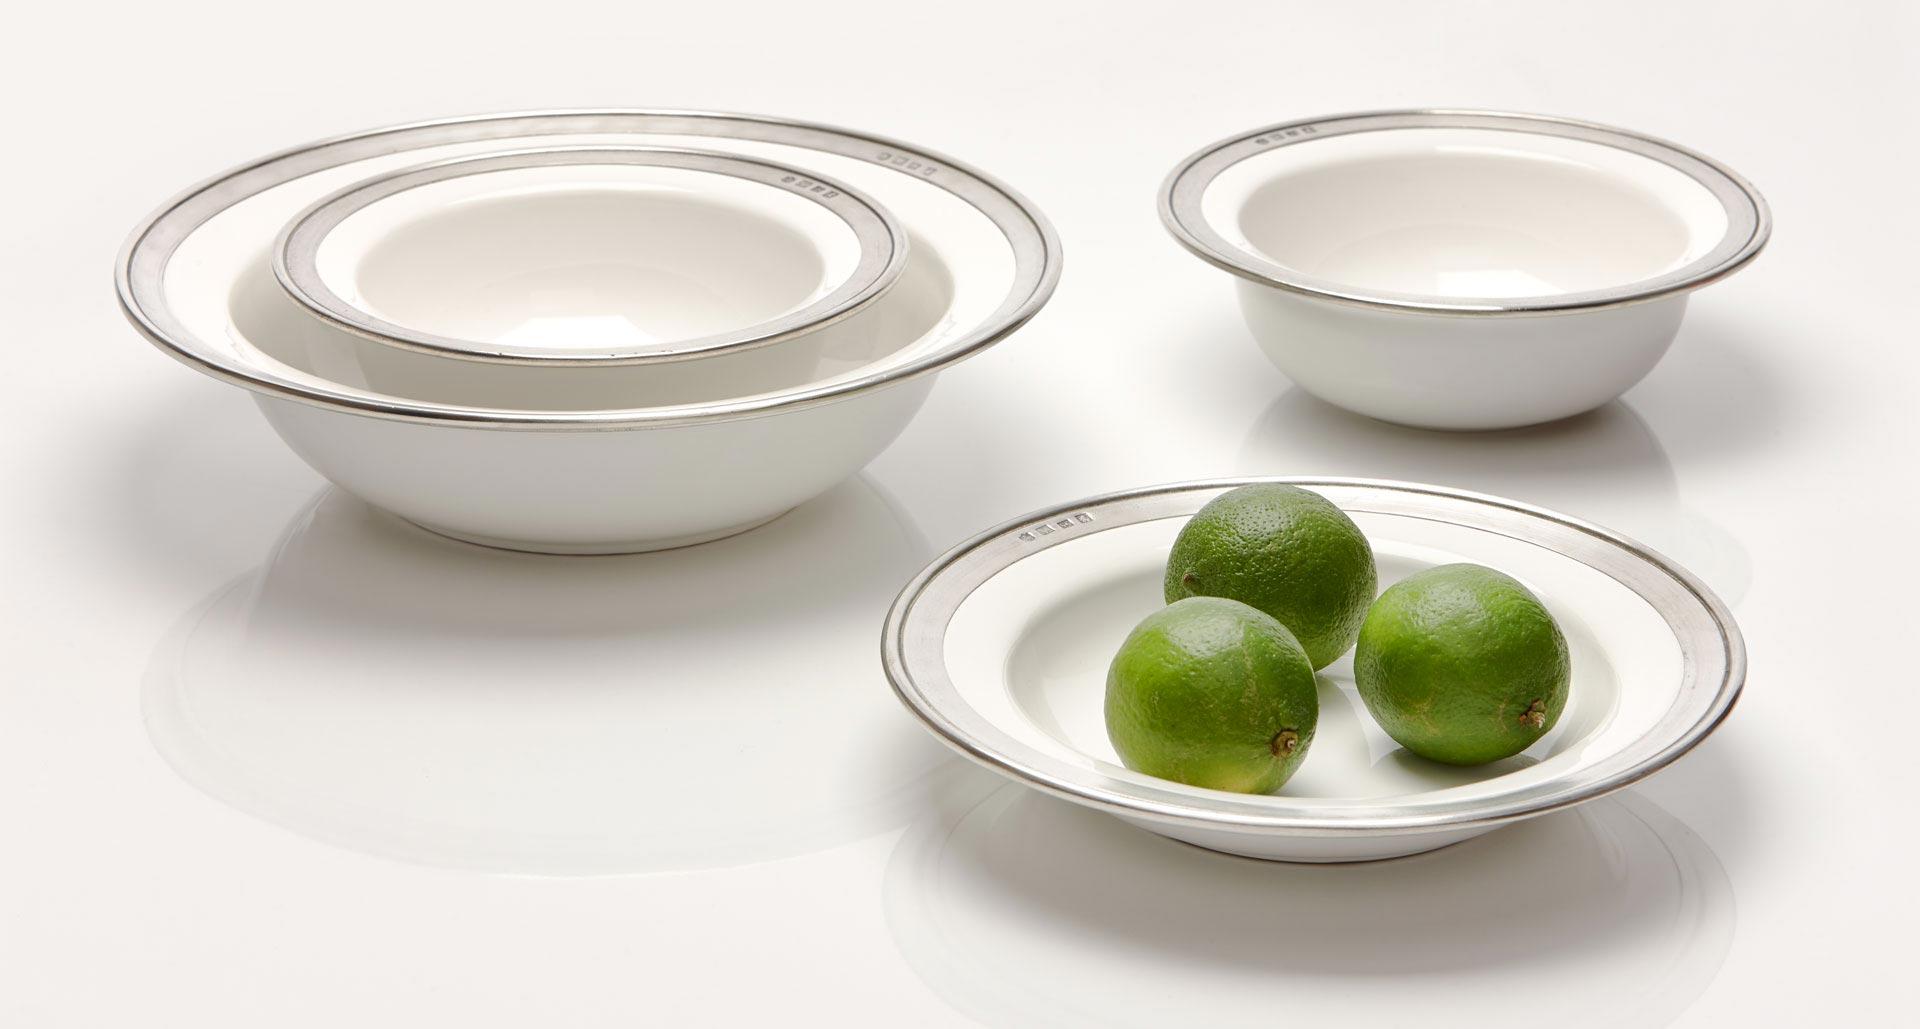 Αντικείμενα για τα γεύματα